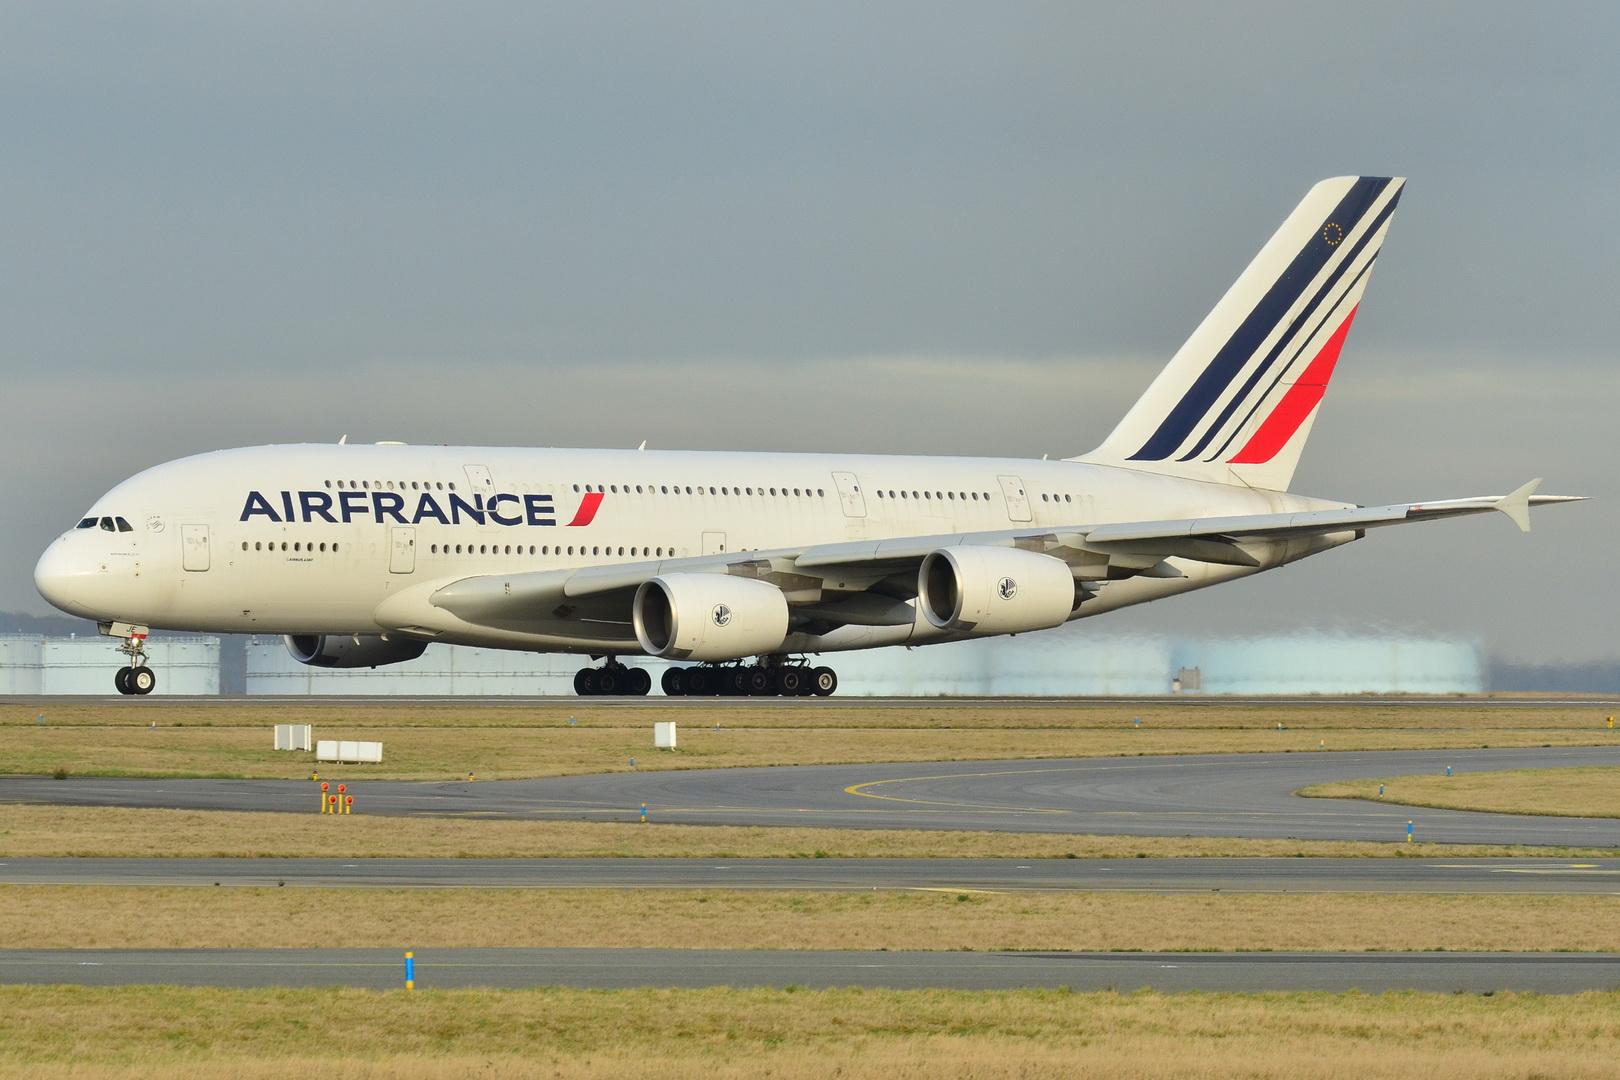 air france flight 66